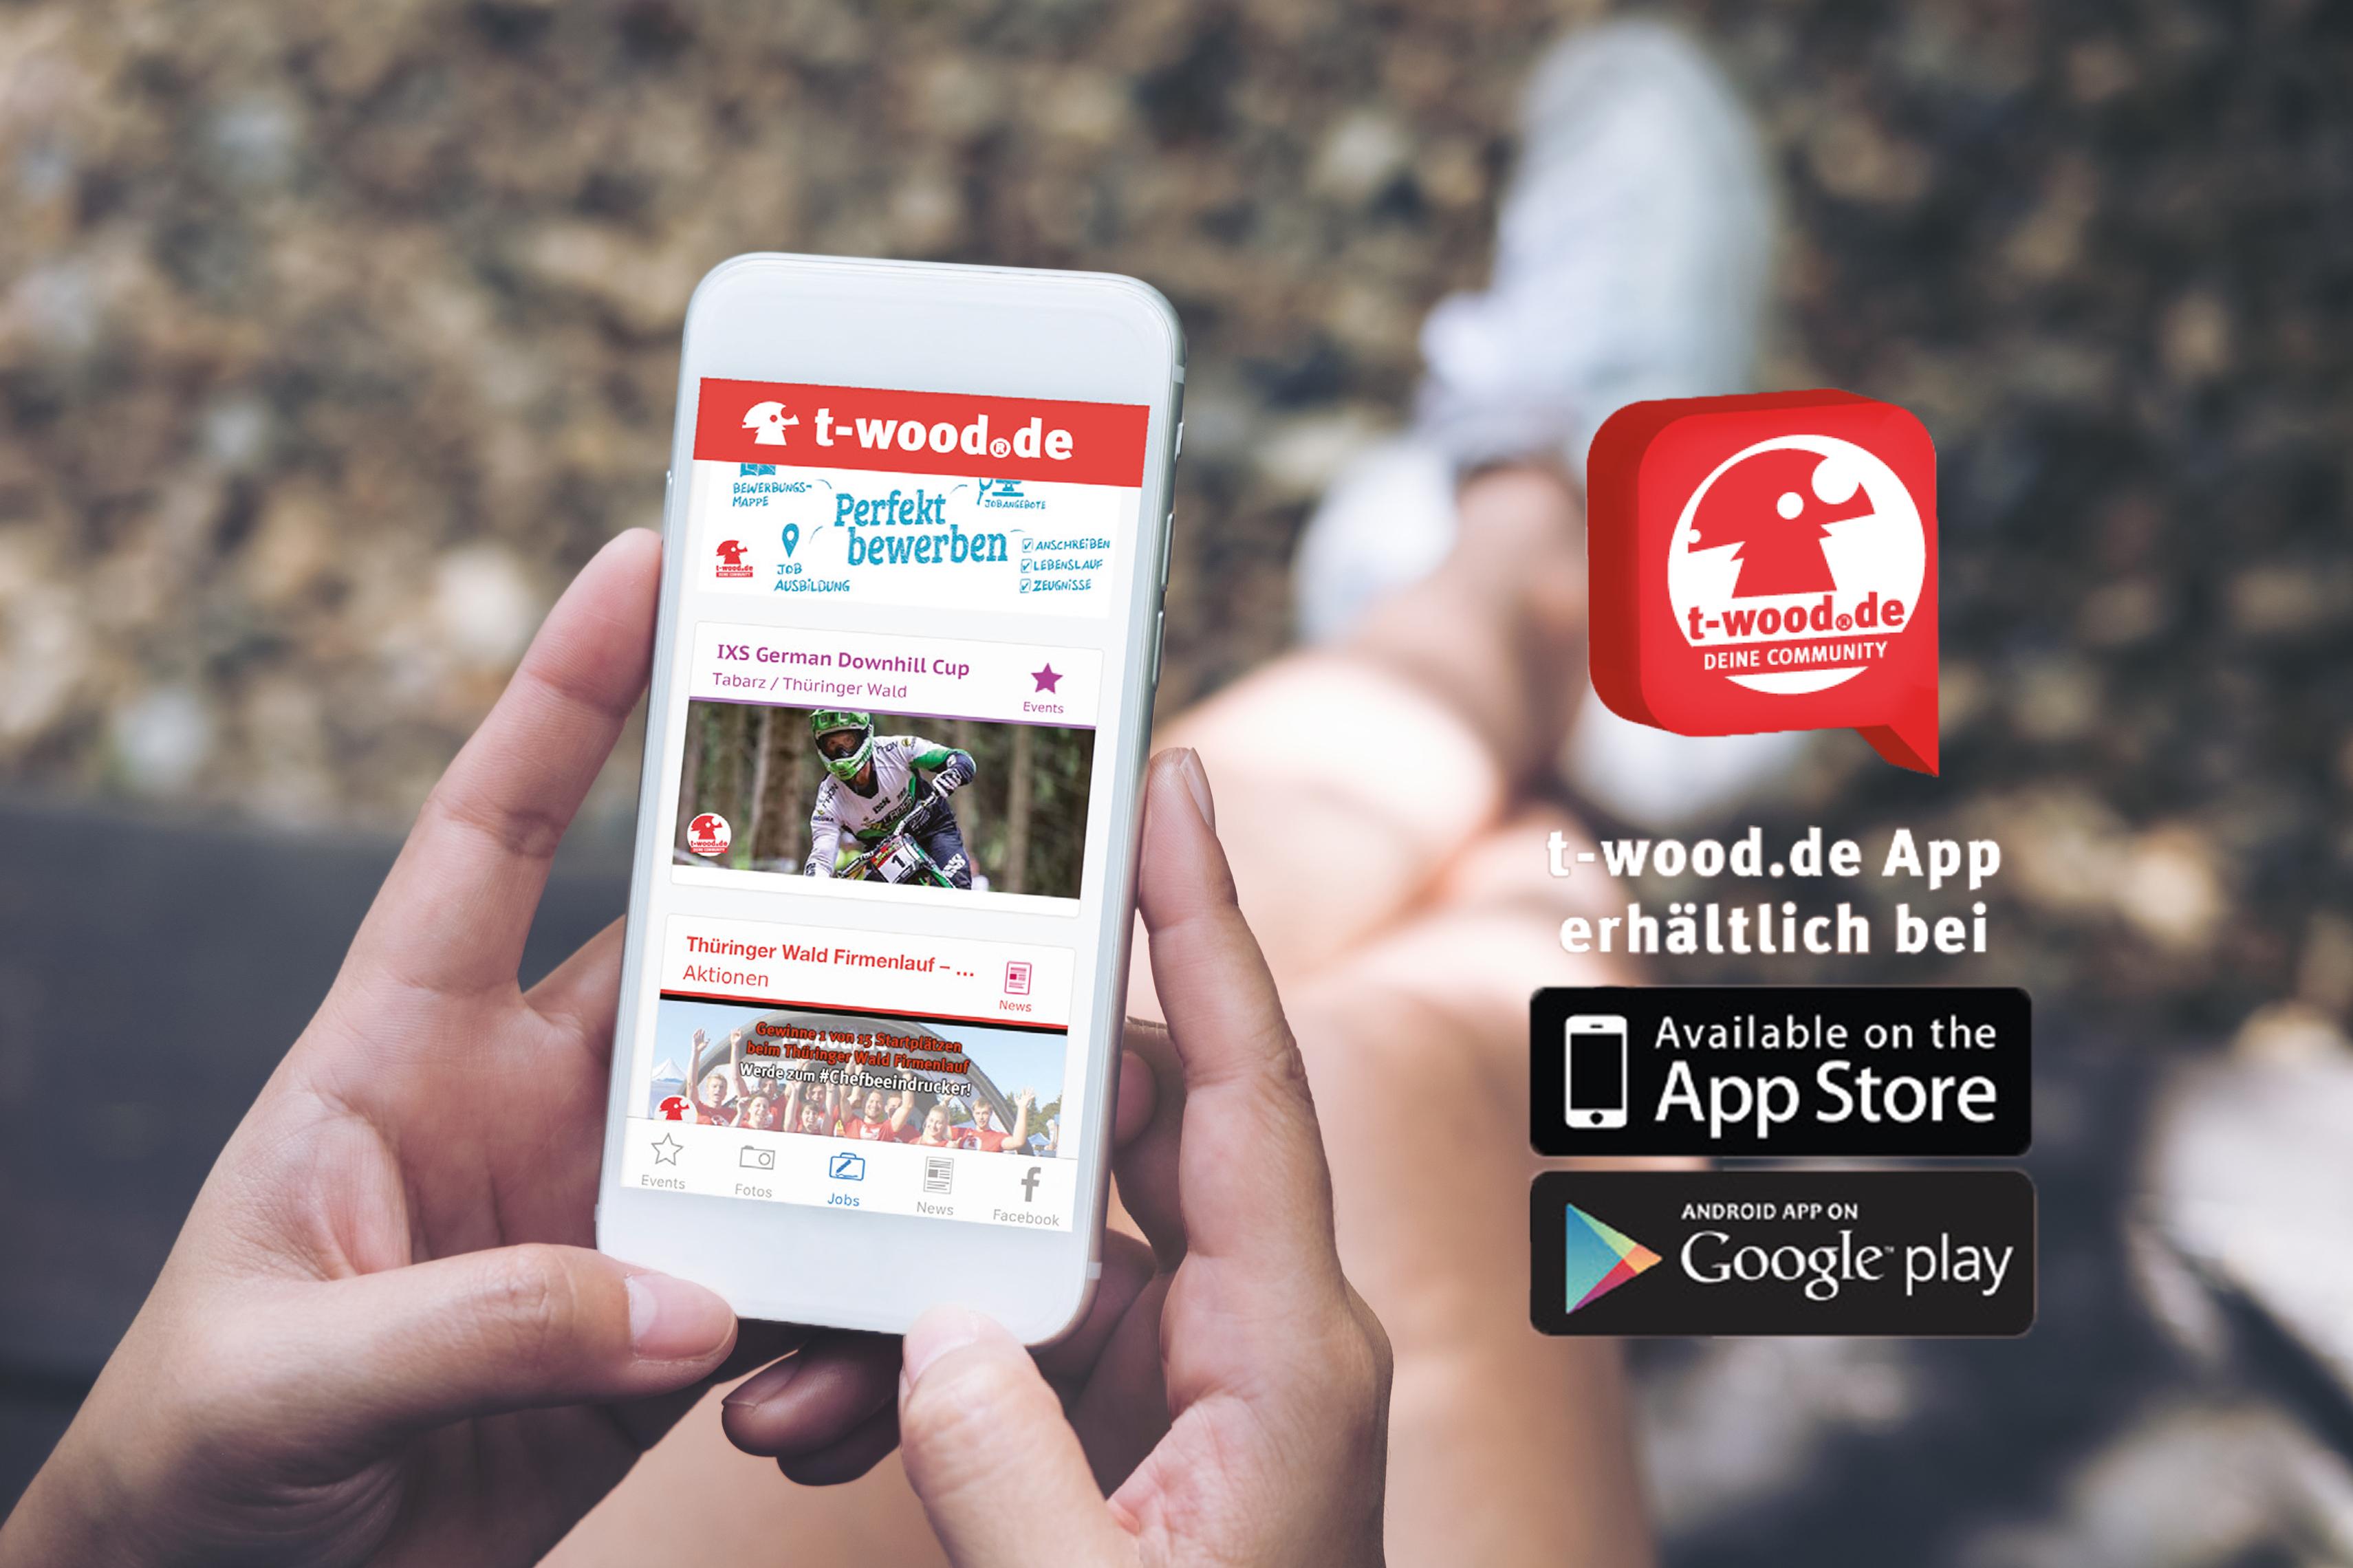 Junge Frau hält Smartphone mit der Internetseite von t-wood in der Hand